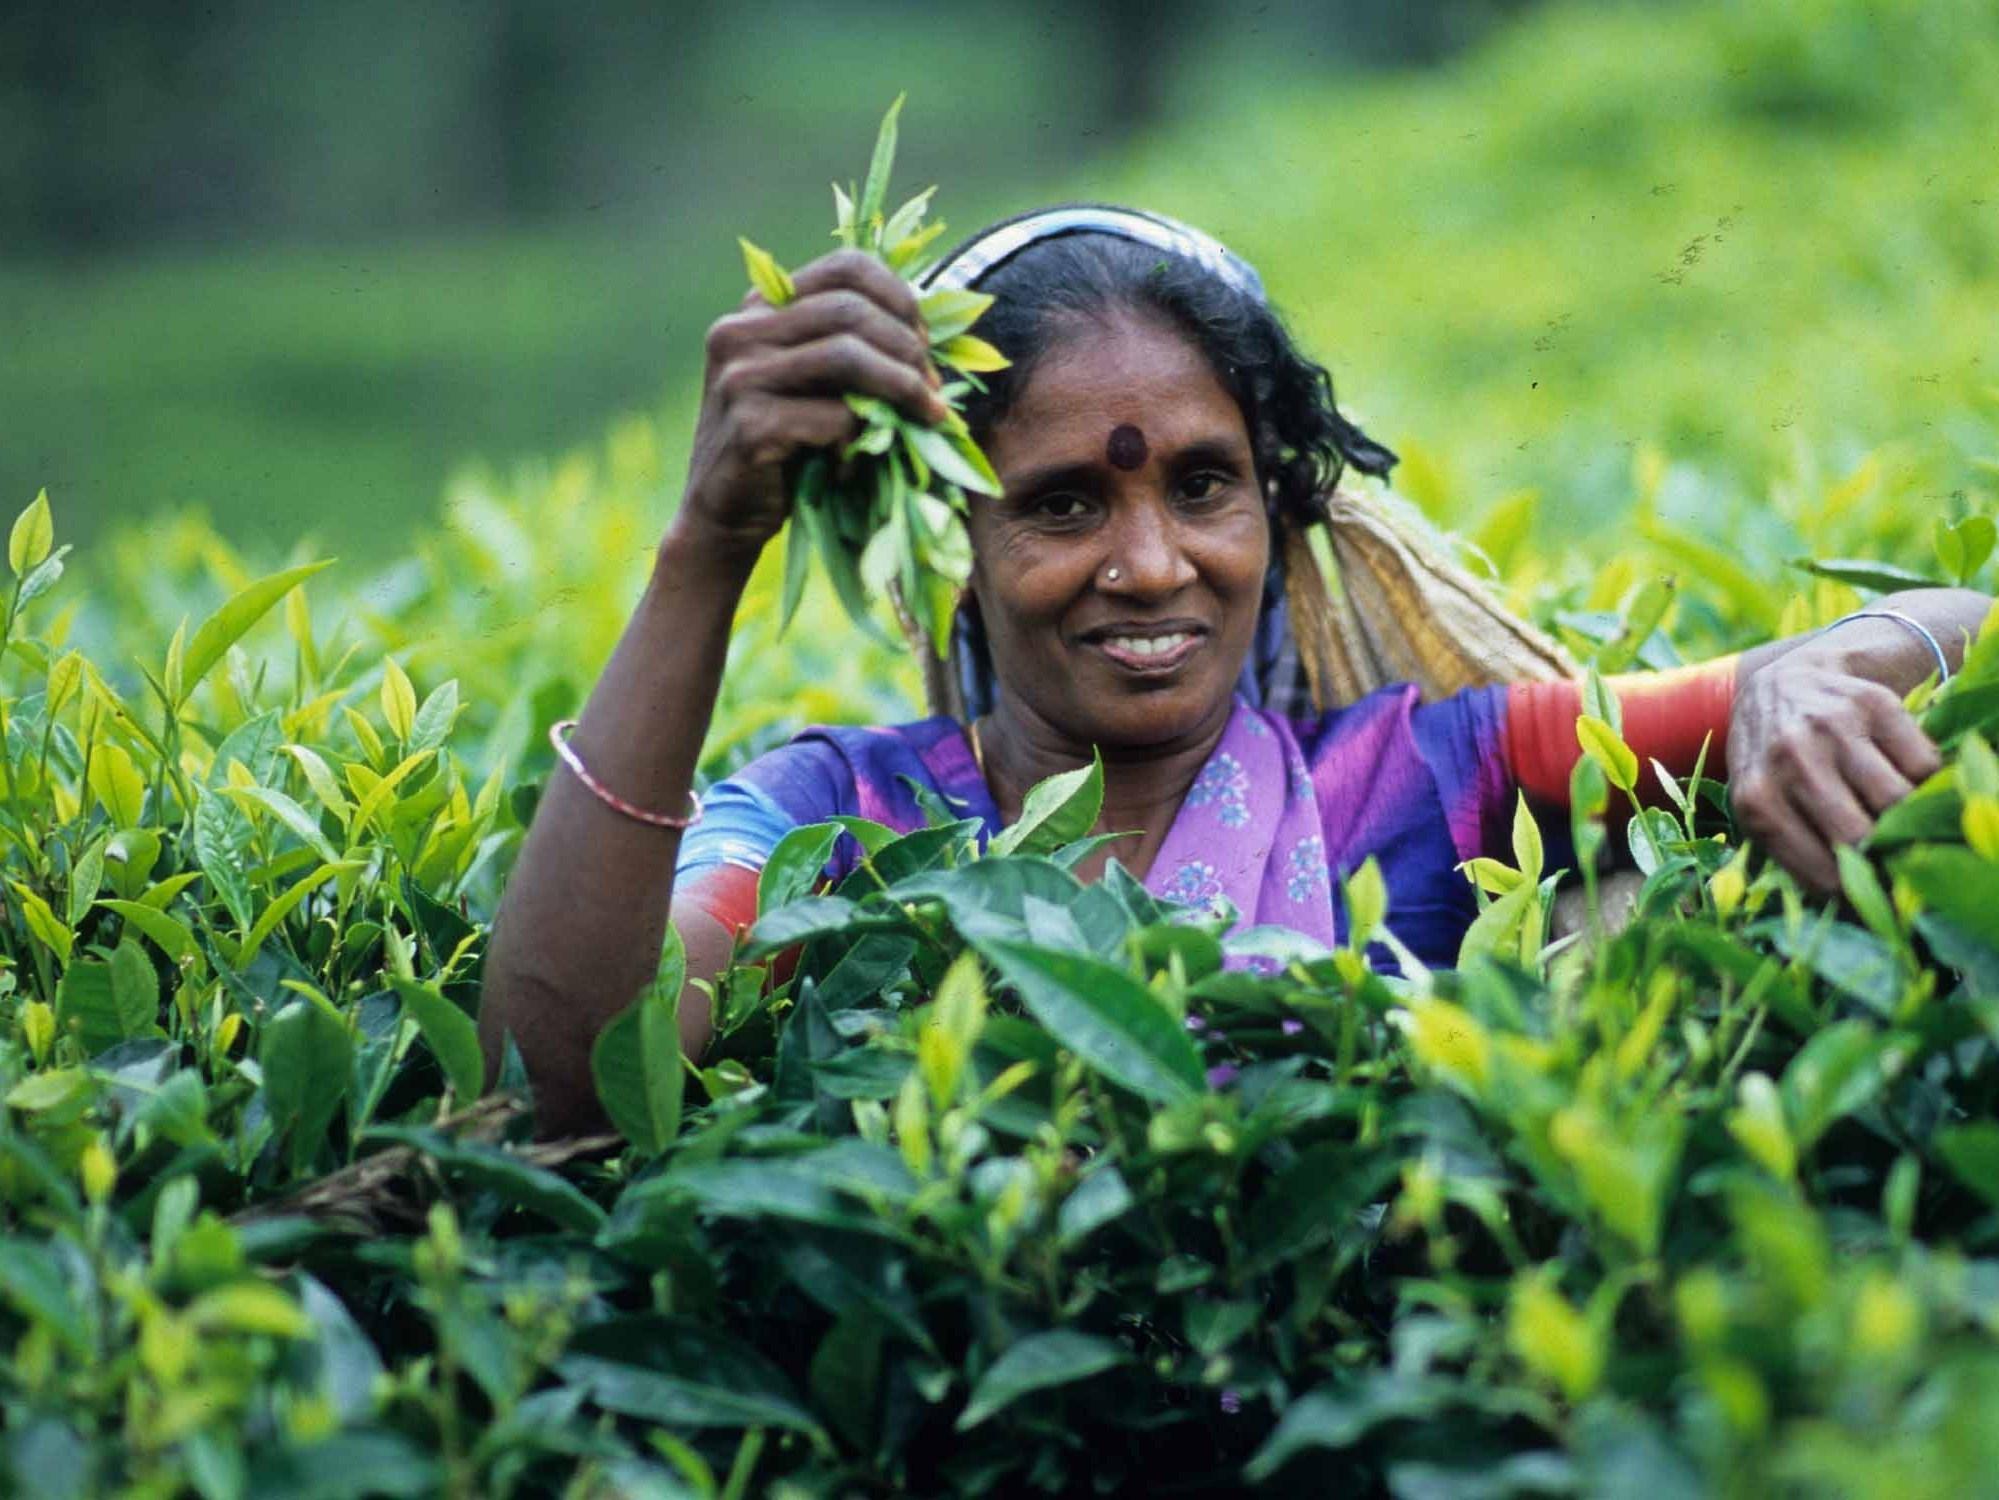 Бизнесмен из Витебска обманул партнёра из Шри-Ланки на 34 тысячи долларов